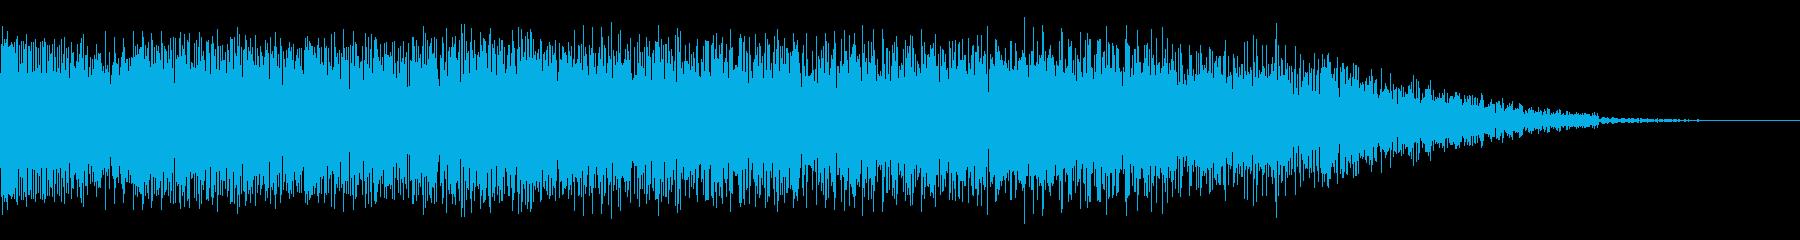 歪んだパワーワーブルスイープ3の再生済みの波形